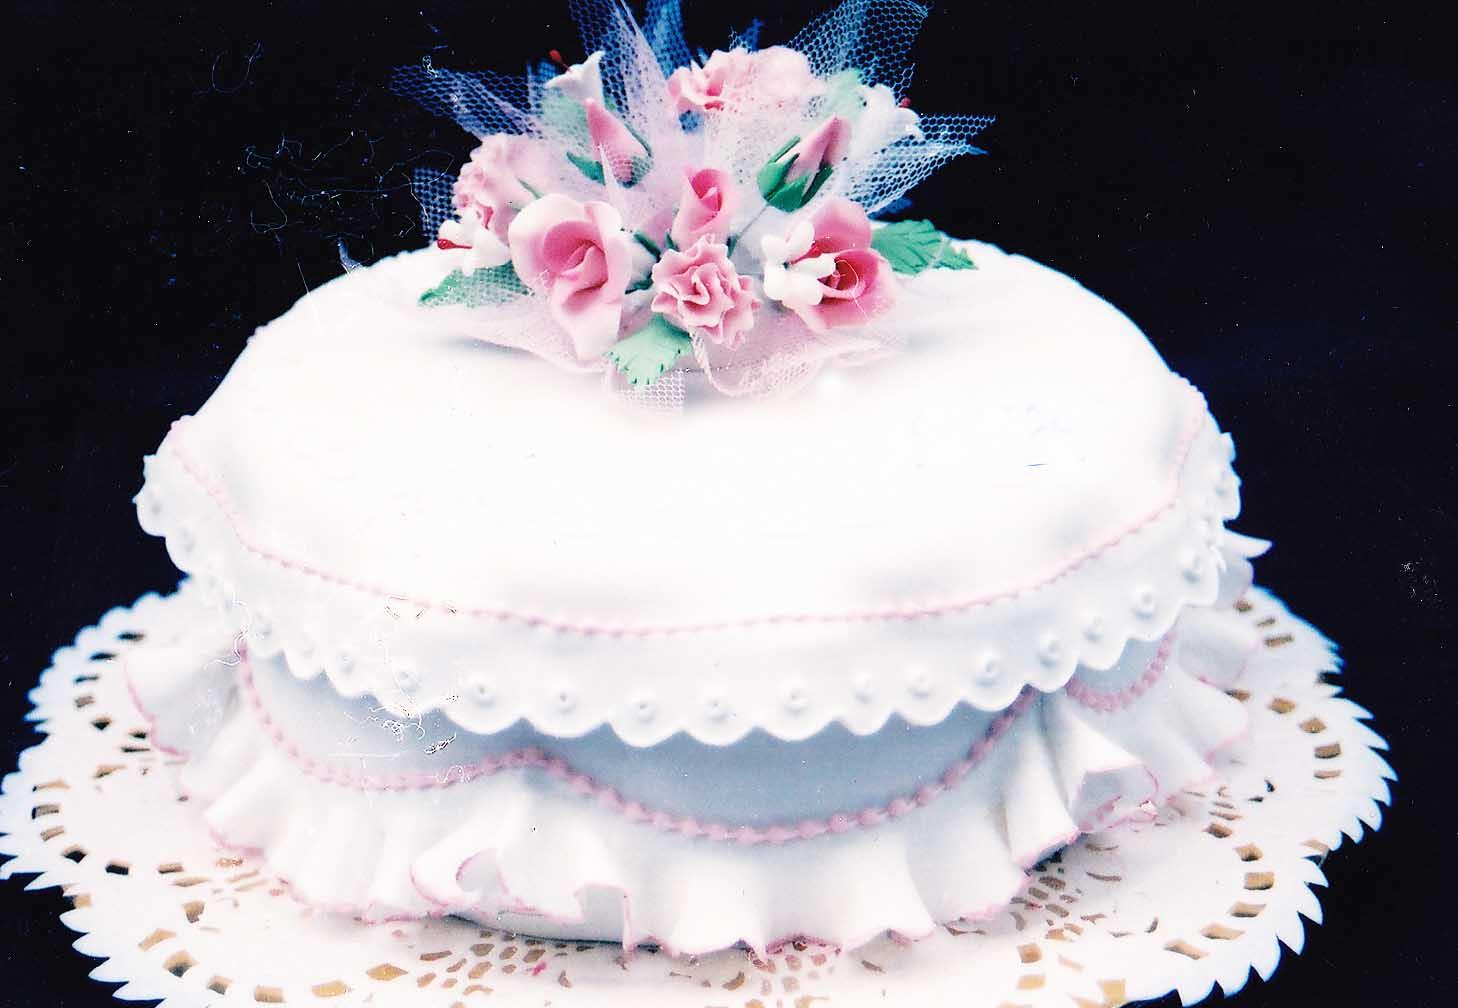 Shantis Homemade Cakes Homemade Wedding Cake With Fondant